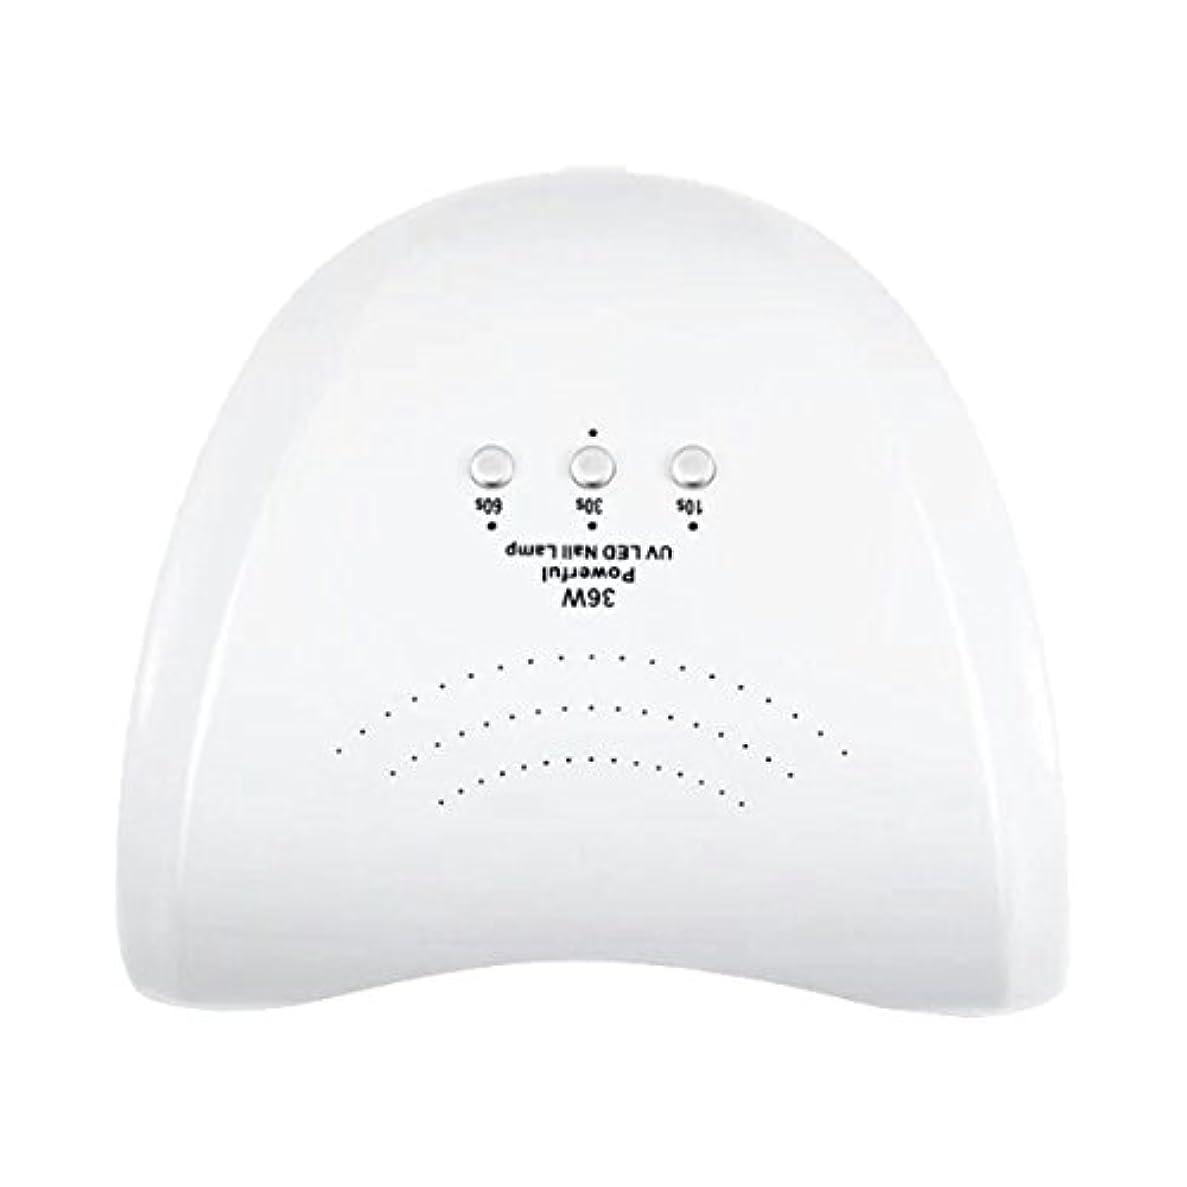 開示するマイコン見る人La Curie 36W LED&UVネイルライト CCFL不使用 自動センサー ジェルネイル レジン 6ヶ月保証&日本語説明書&プロネイリスト監修ネイルレシピ付き 全9色 (ホワイト) LaCurie004